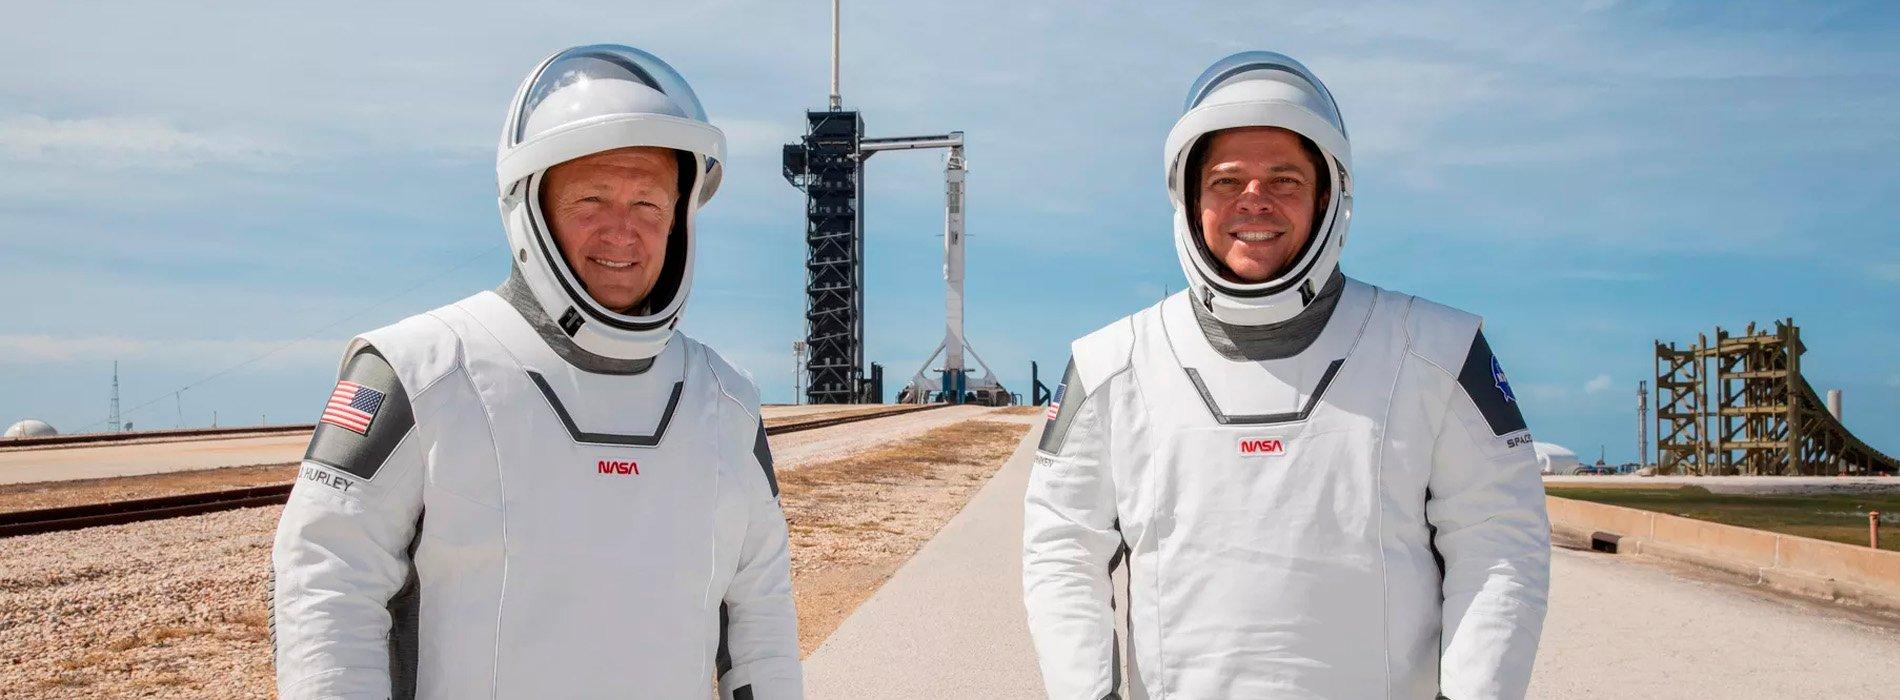 O lançamento TRIPULADO da SpaceX é mais importante do que parece - Entenda os motivos [+Update]